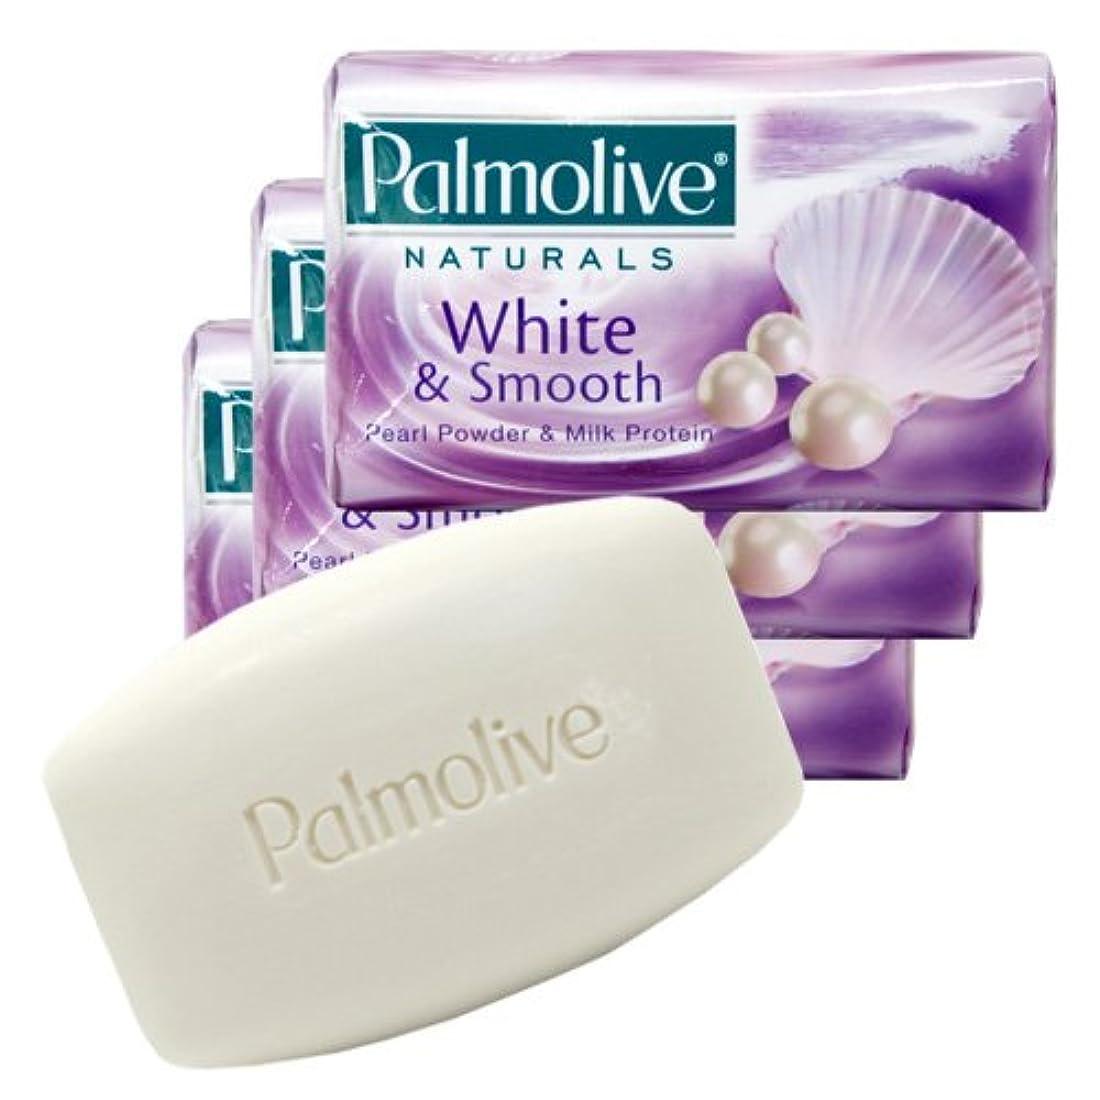 雲スタック活力【Palmolive】パルモリーブ ナチュラルズ石鹸3個パック ホワイト&スムース(パールパウダー&ミルクプロテイン)80g×3